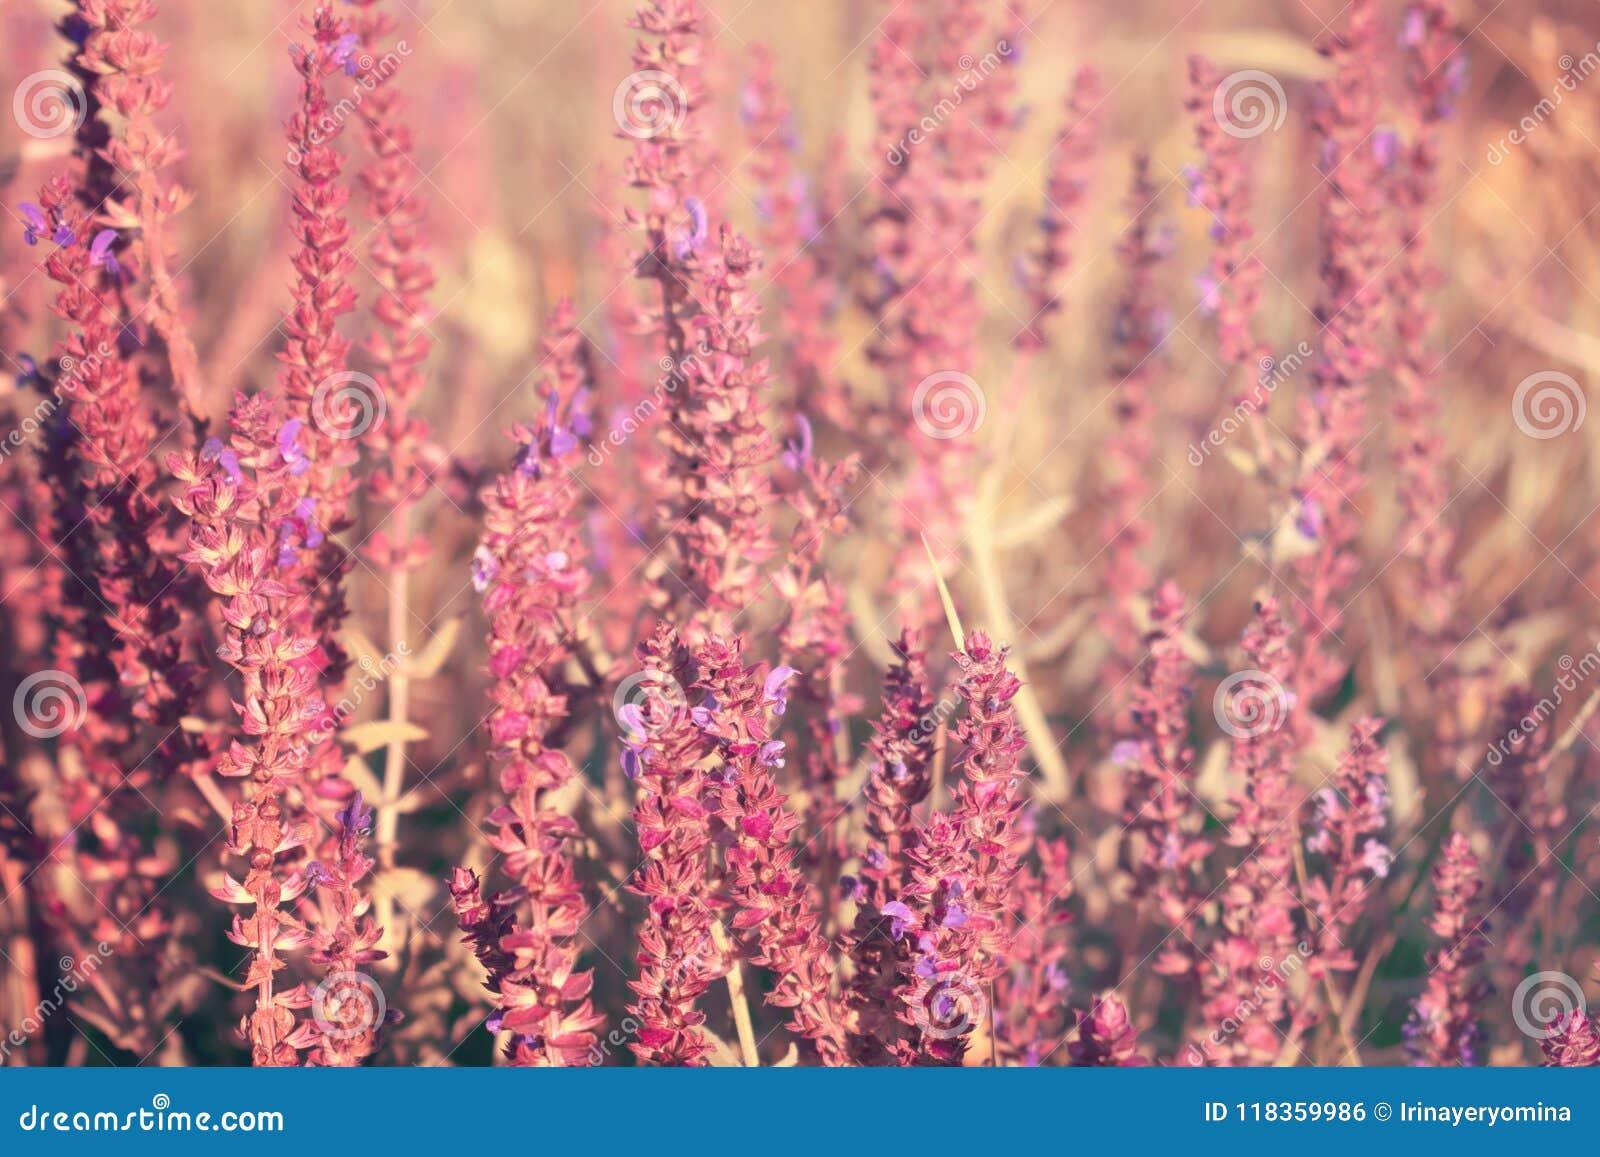 Sábio de florescência do jardim (sábio comum, sábio culinário), offici de Salvia